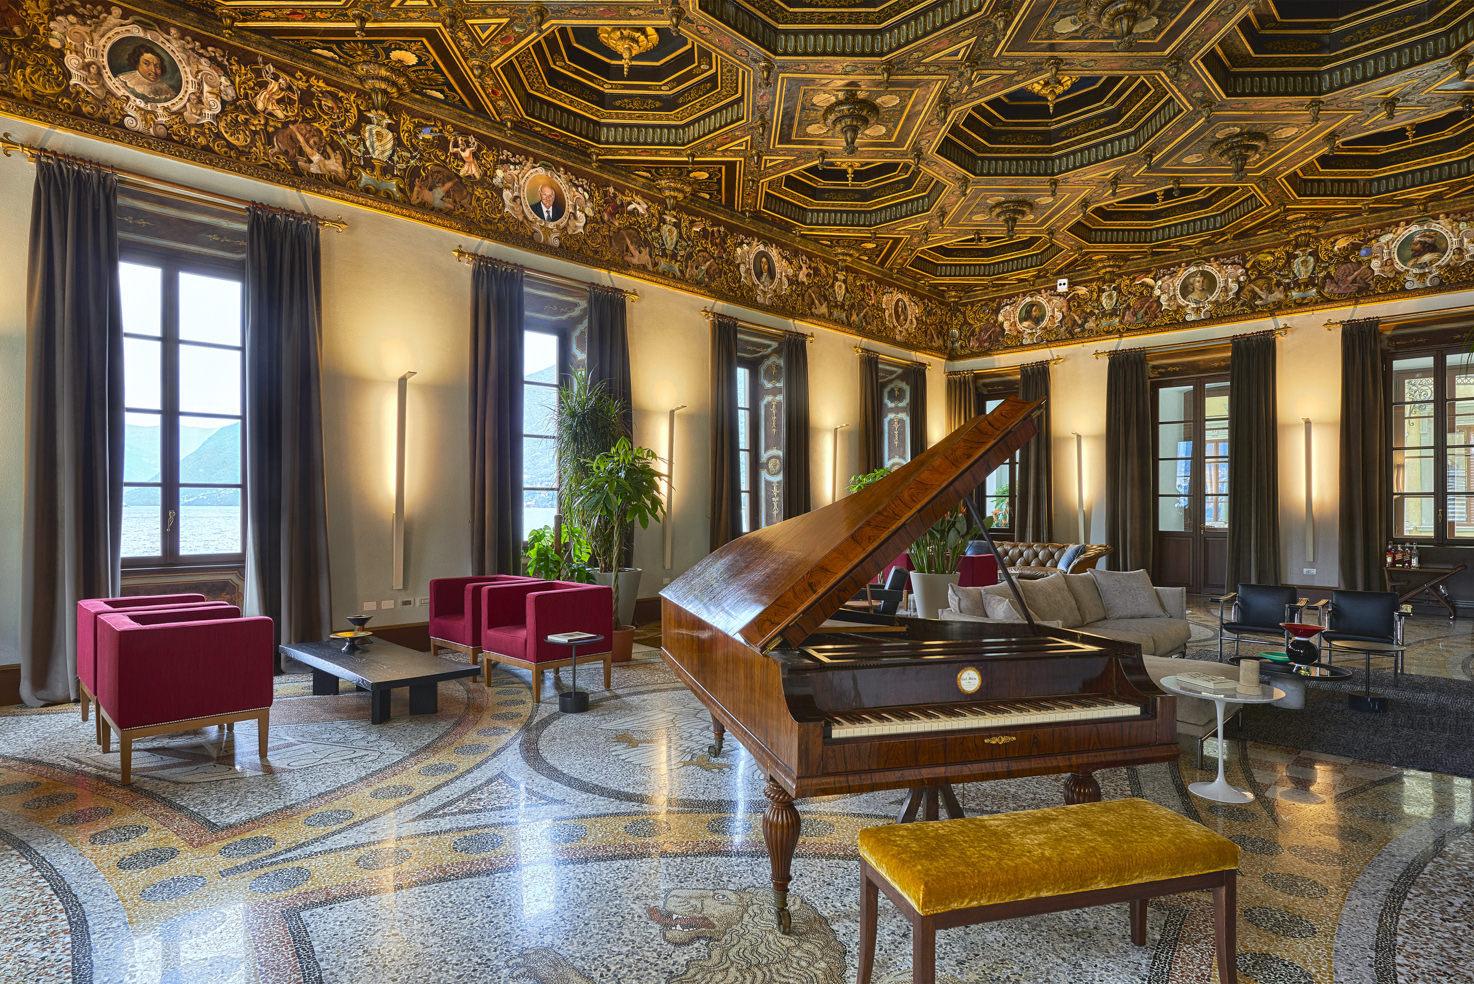 Salon with grand piano